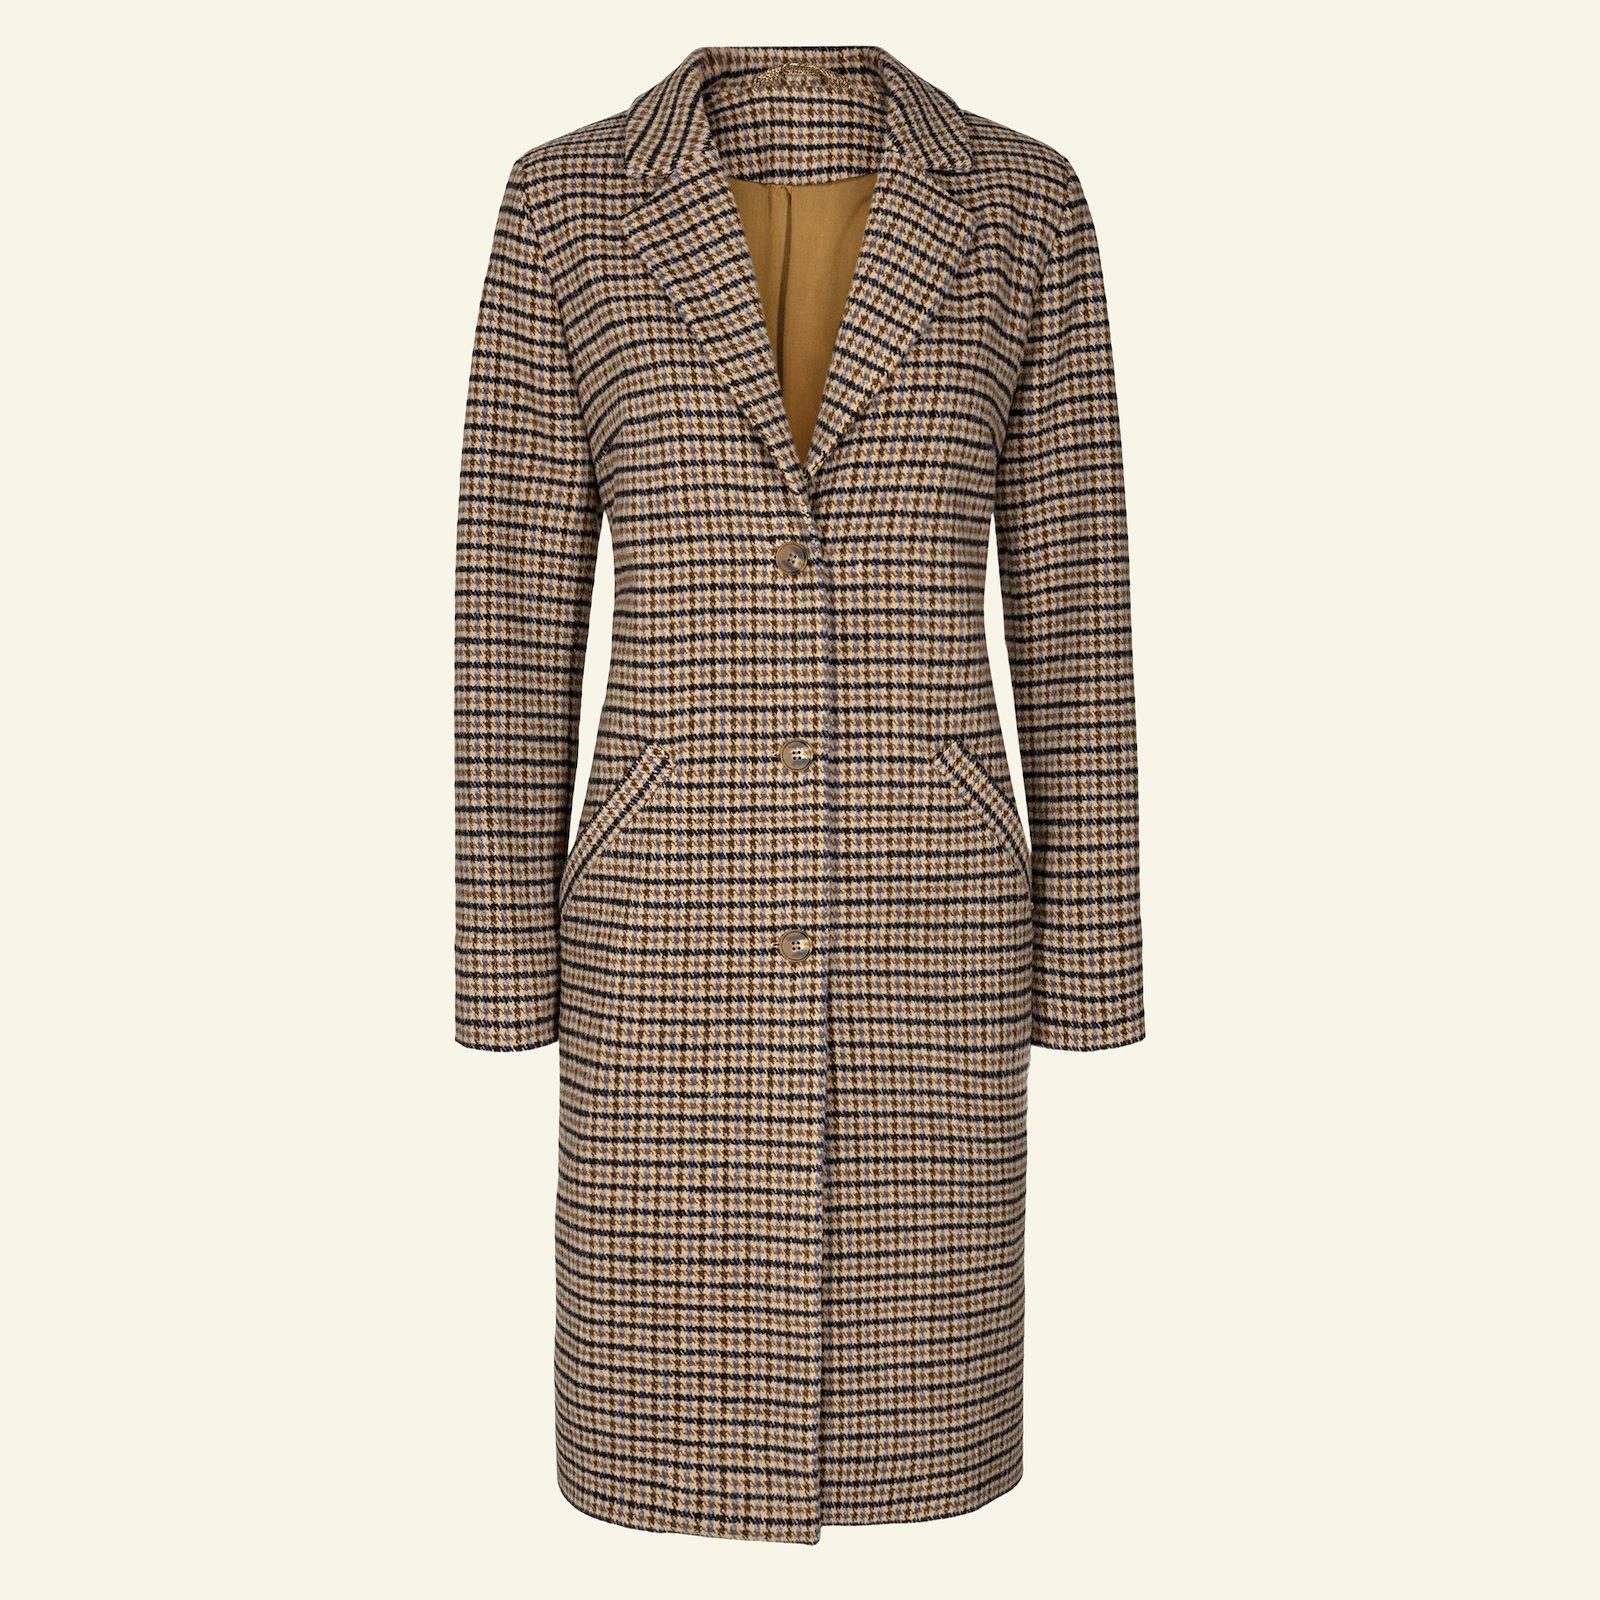 Long coat, 46/18 p24041_300212_5016_40239_21418_sskit